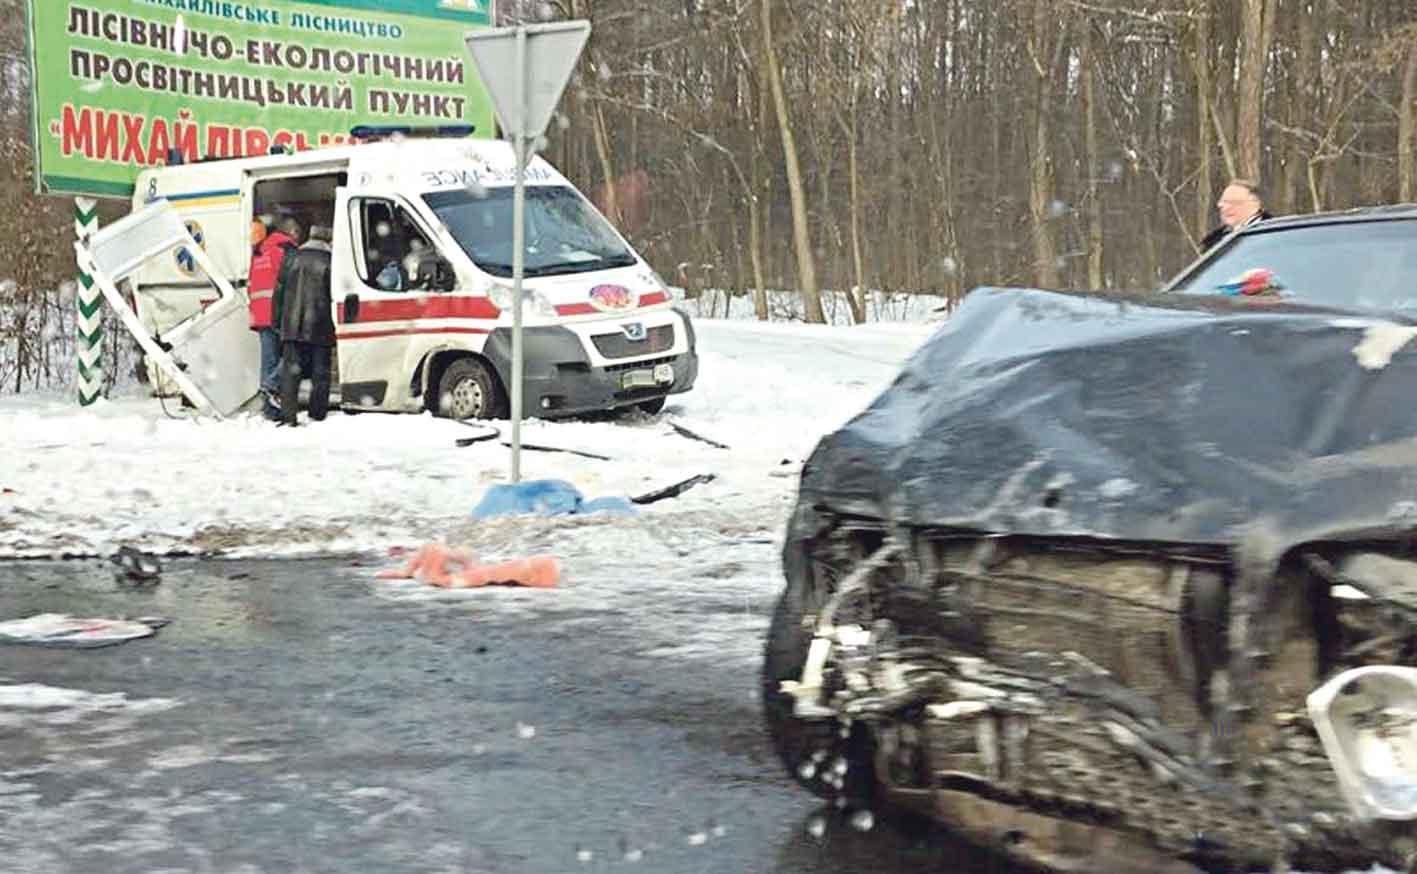 Масштабна аварія під Вінницею – 10 постраждалих. Серед учасників – син екс-голови райради